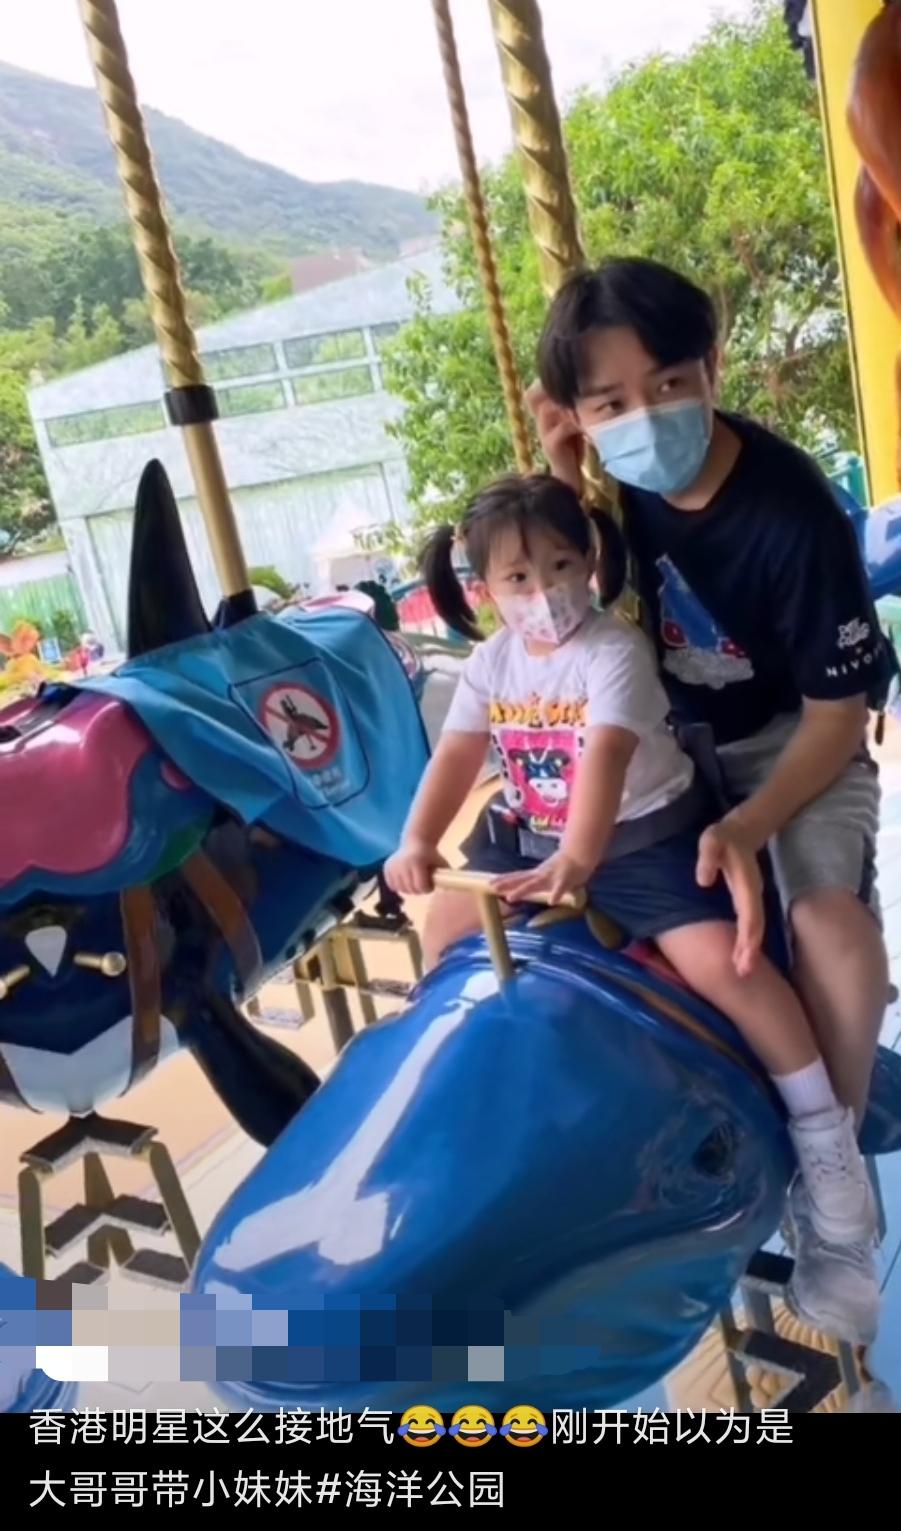 2岁女儿腿快有爸爸长,网友:像李亚男